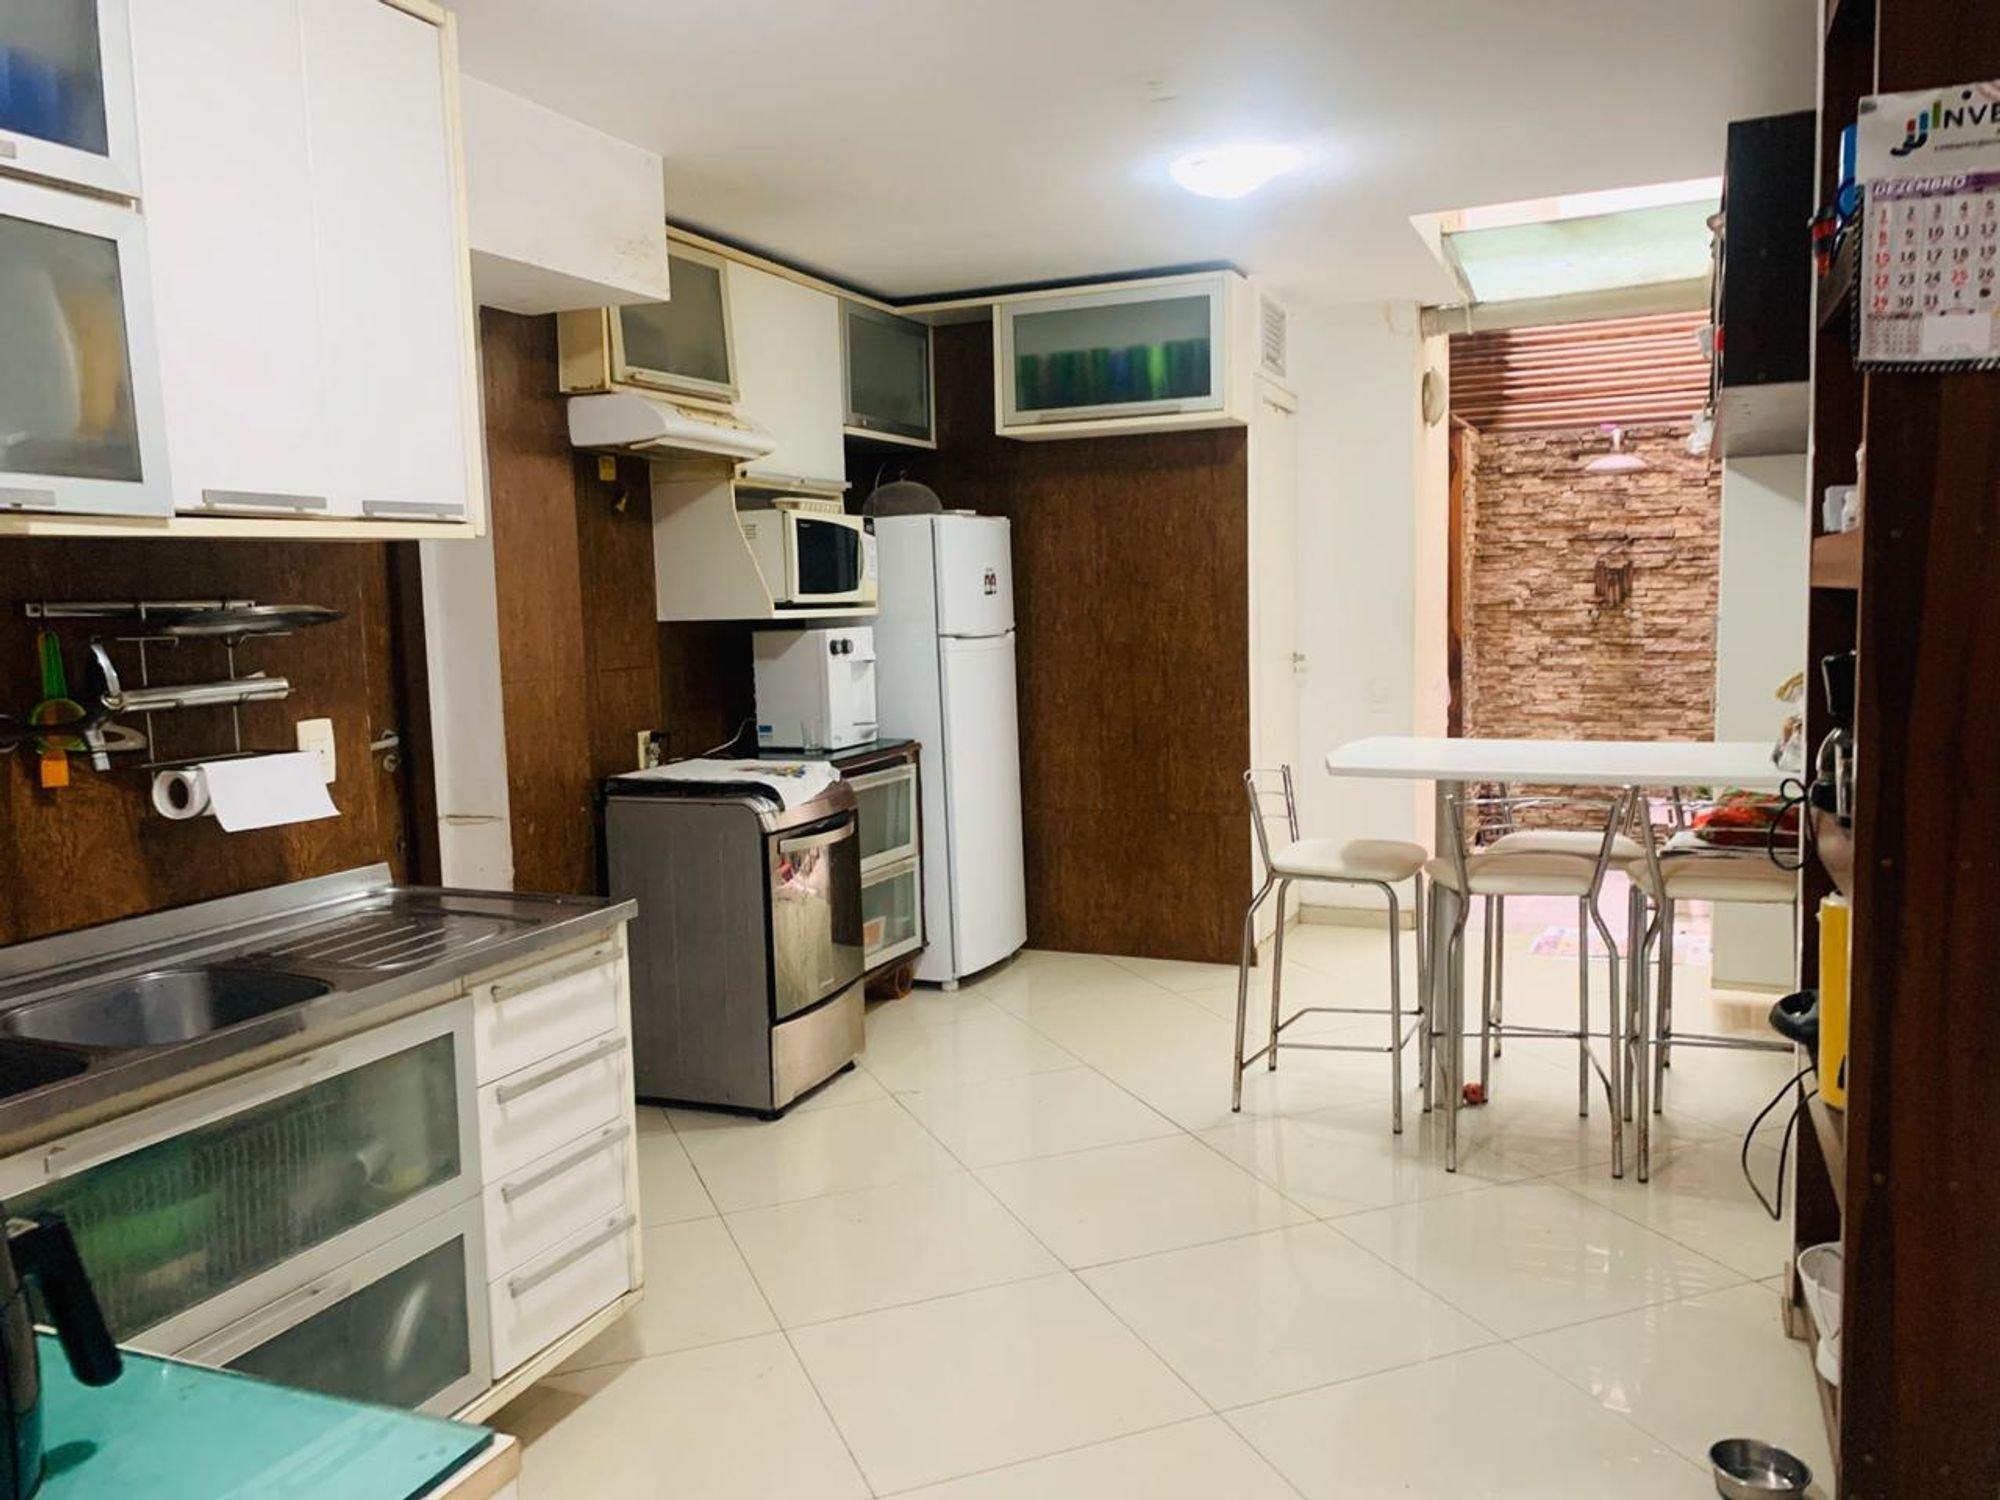 Foto de Cozinha com geladeira, cadeira, microondas, mesa de jantar